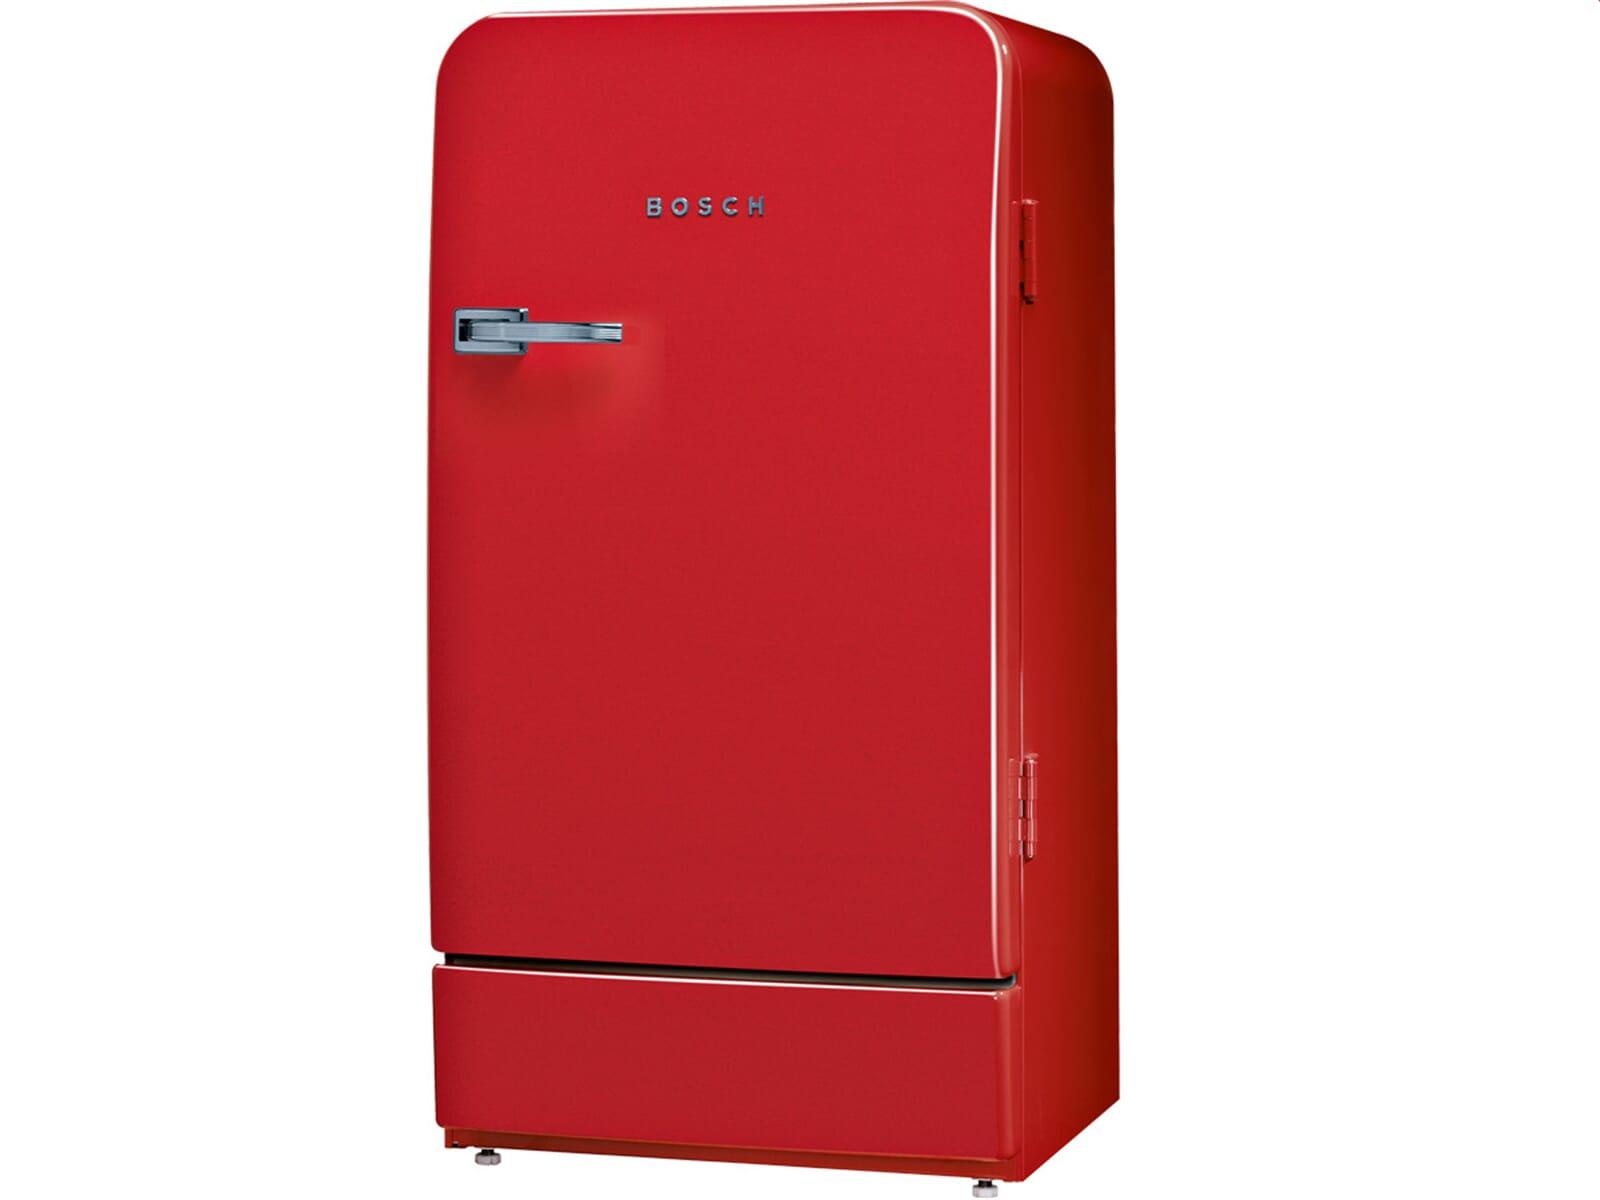 Bosch Kühlschrank Urlaubsschaltung : Bosch ksl ar standkühlschrank rot